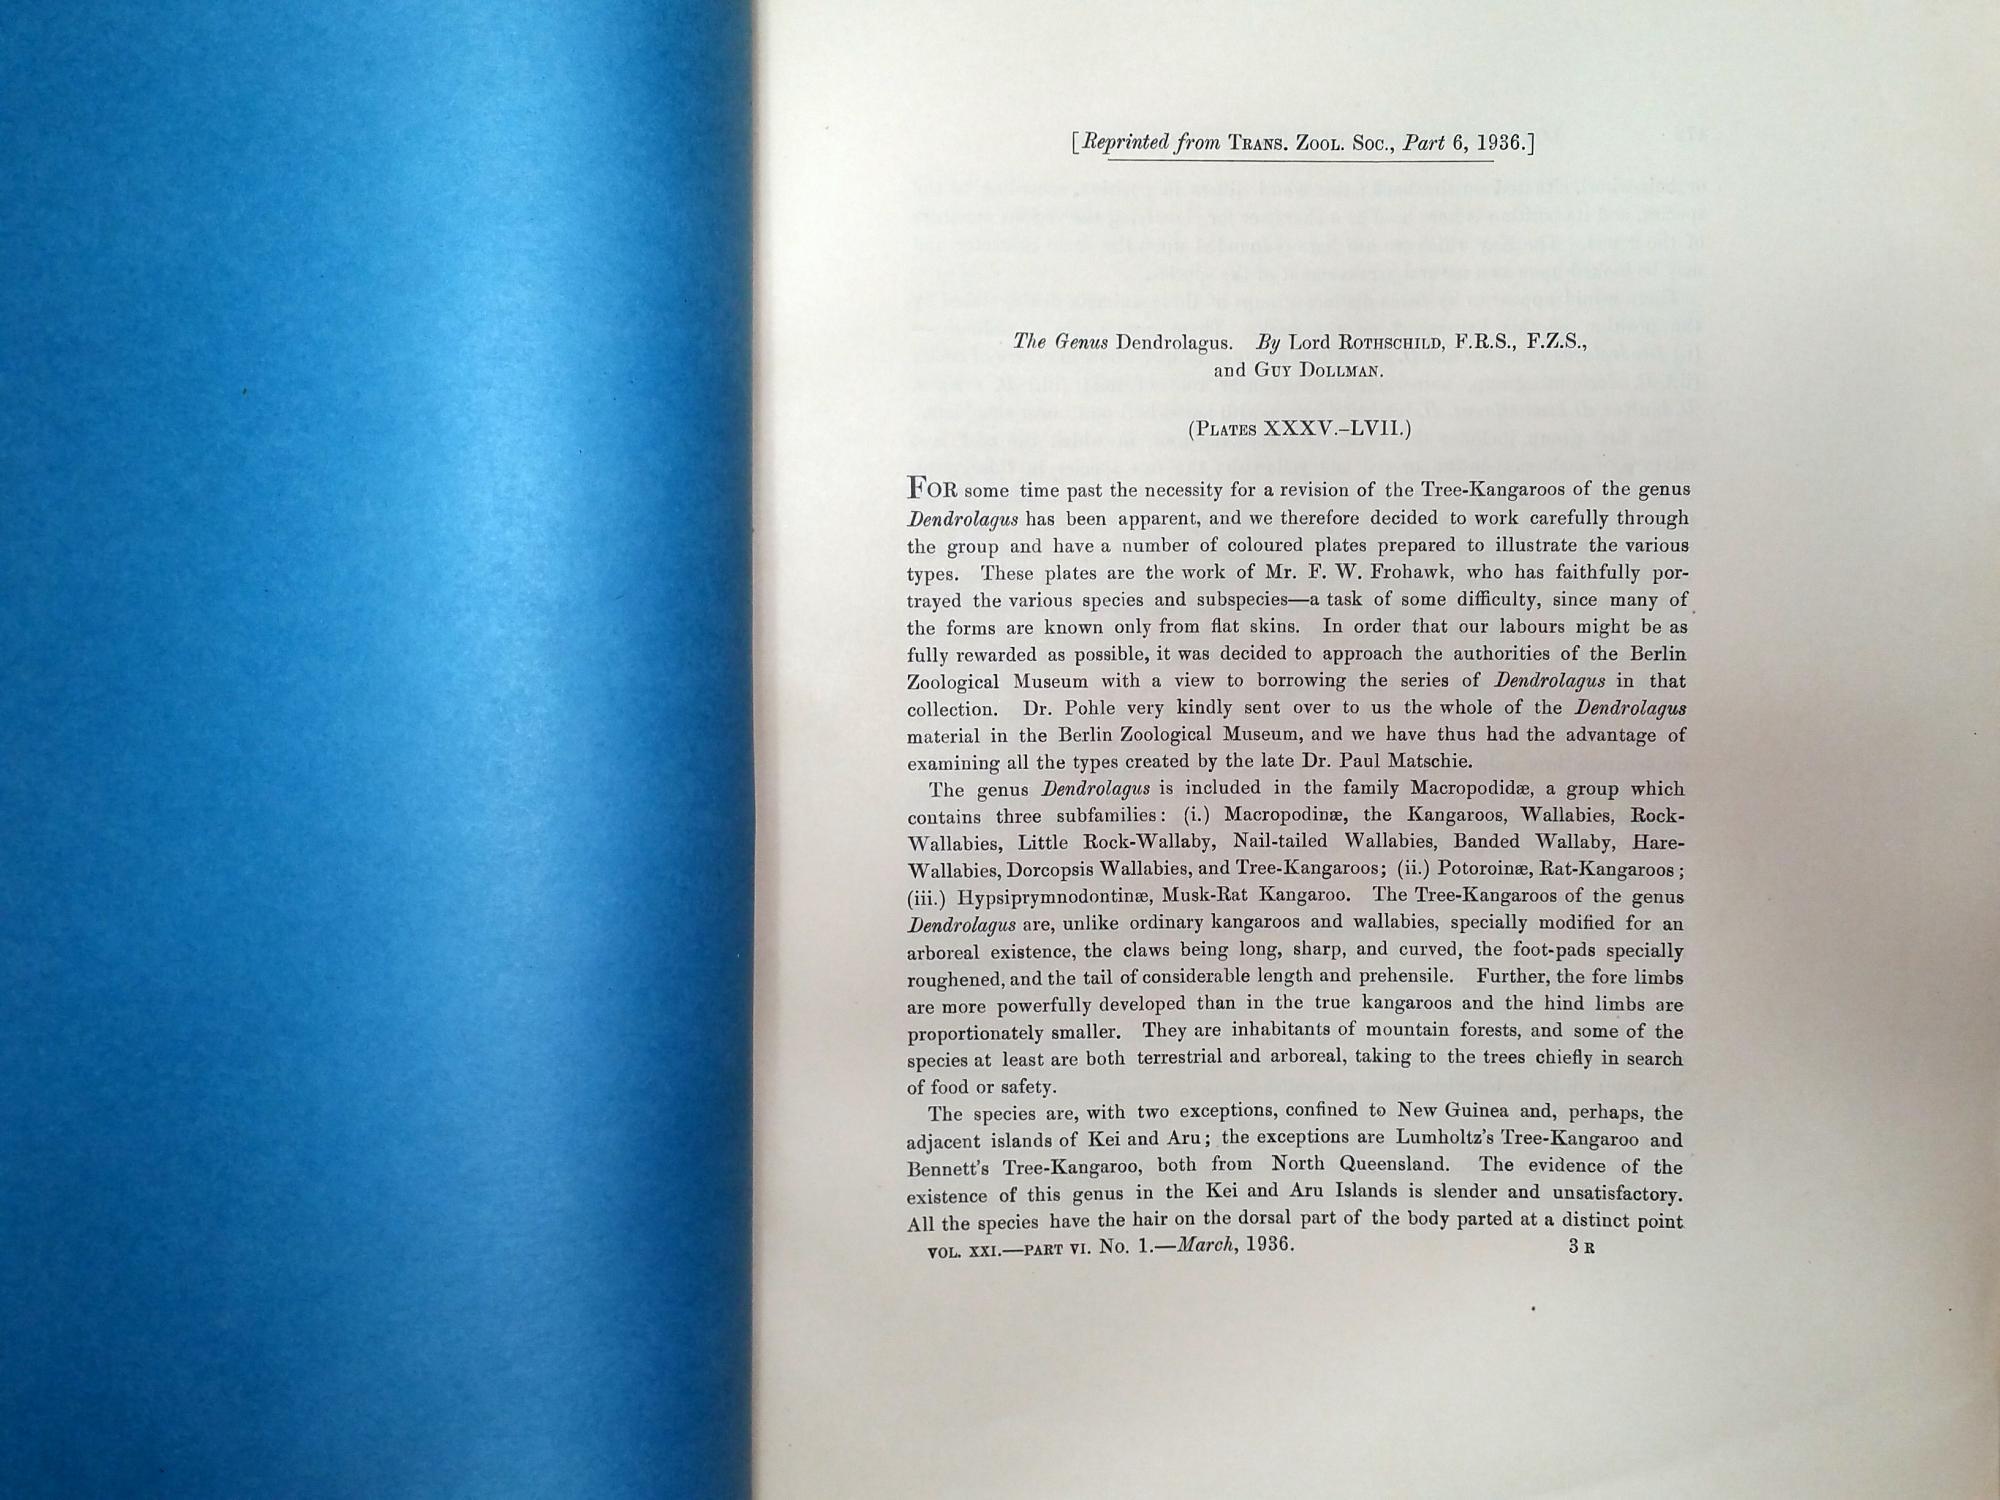 Vialibri ~ (1259787).....rare books from 1936